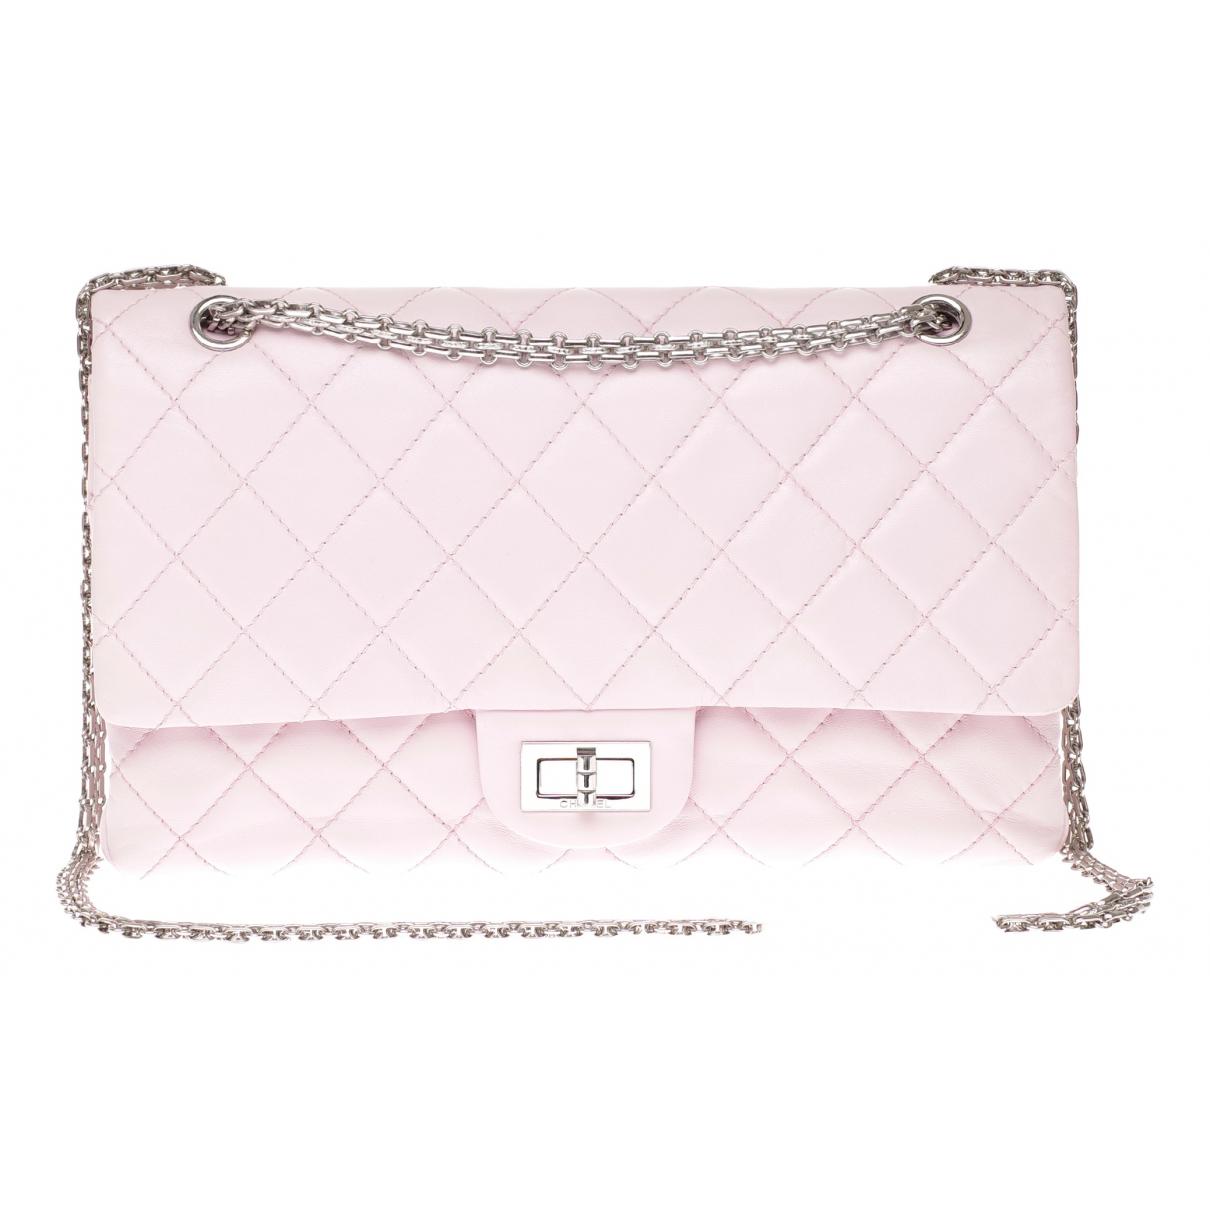 Chanel - Sac a main 2.55 pour femme en cuir - rose